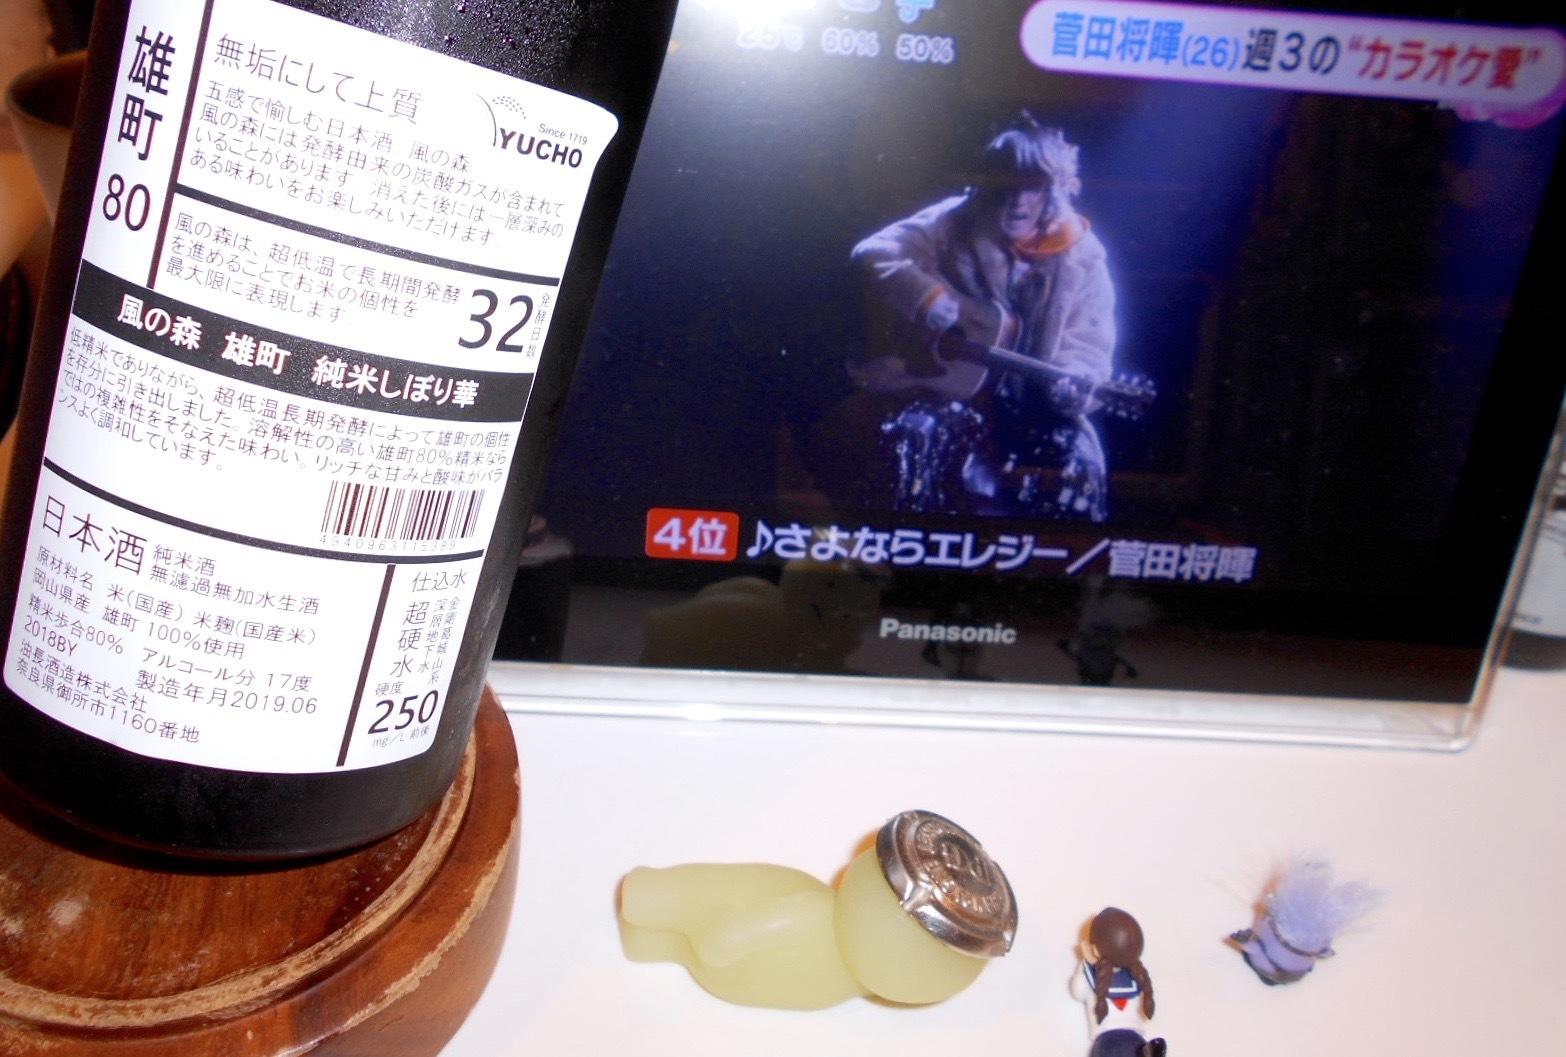 kazenomori_omachi80_30by2.jpg